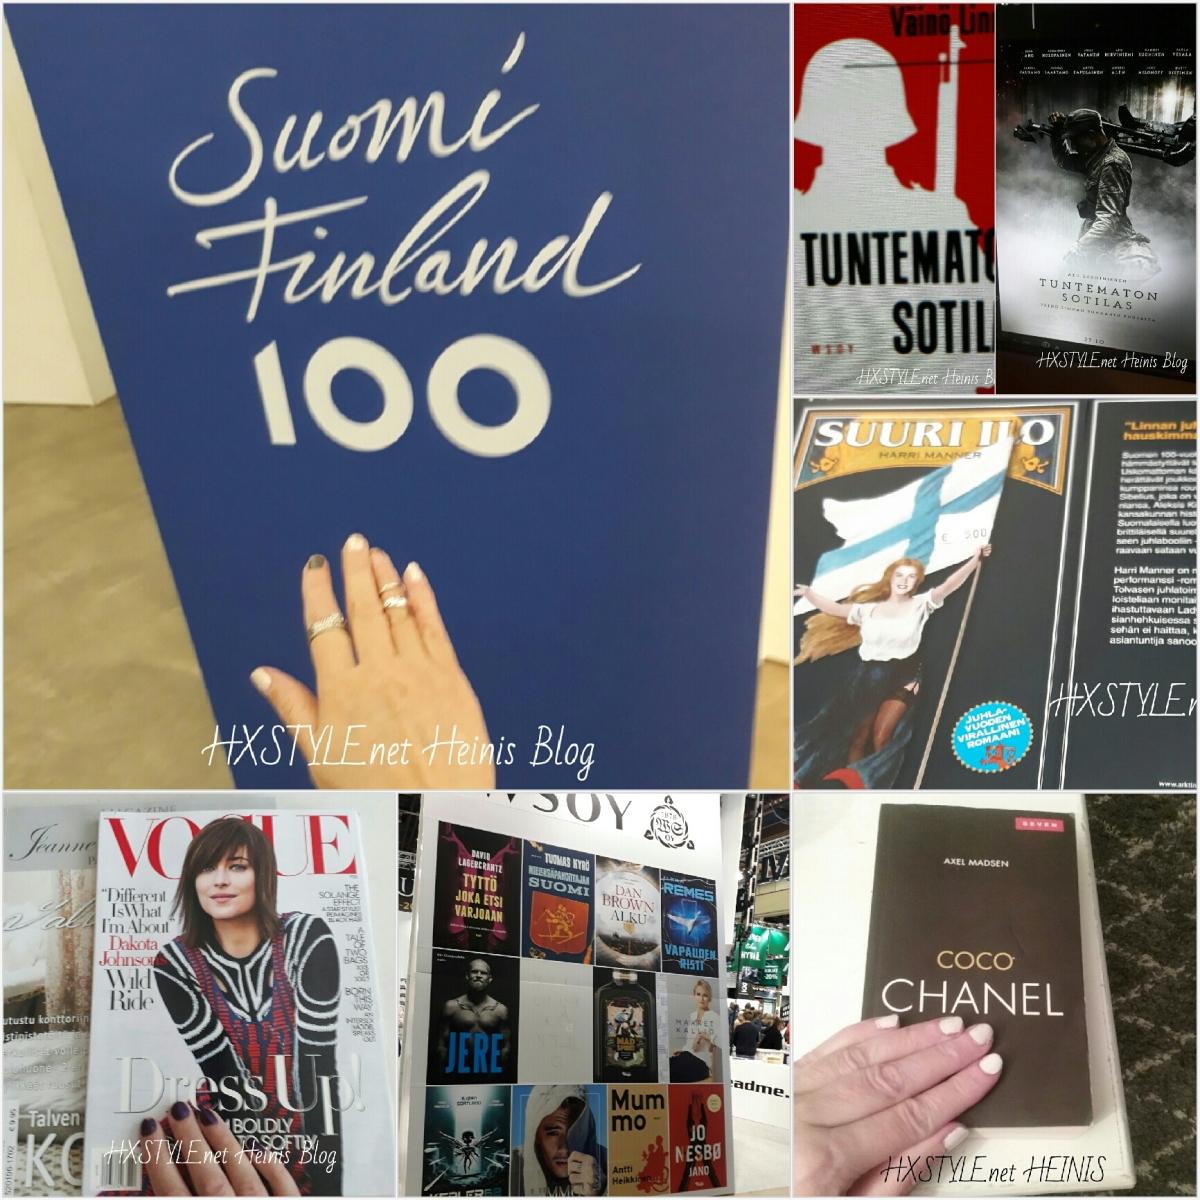 KULTTUURI, KIRJALLISUUS, KIRJAT, LEHDET... LUKEMINEN 22.1.2018 - 2017  UUTUUDET, SUOSITUT, TOP3, TOP10, Vinkit&Ideat, KIRJA ARVOSTELUT...1/2 SUOSITTU. HXSTYLE.net HEINIS Suosikit